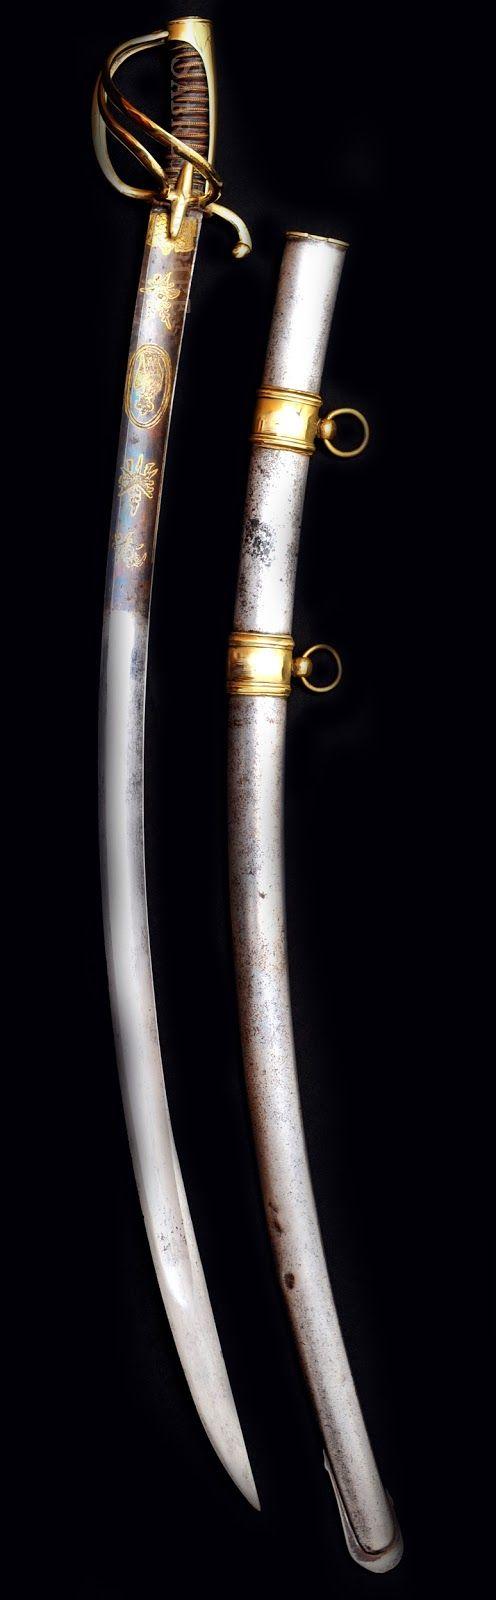 Collection de Sabres et Epées des Guerres Napoléoniennes: Sabre Officier Chasseur à Cheval Garde Impériale